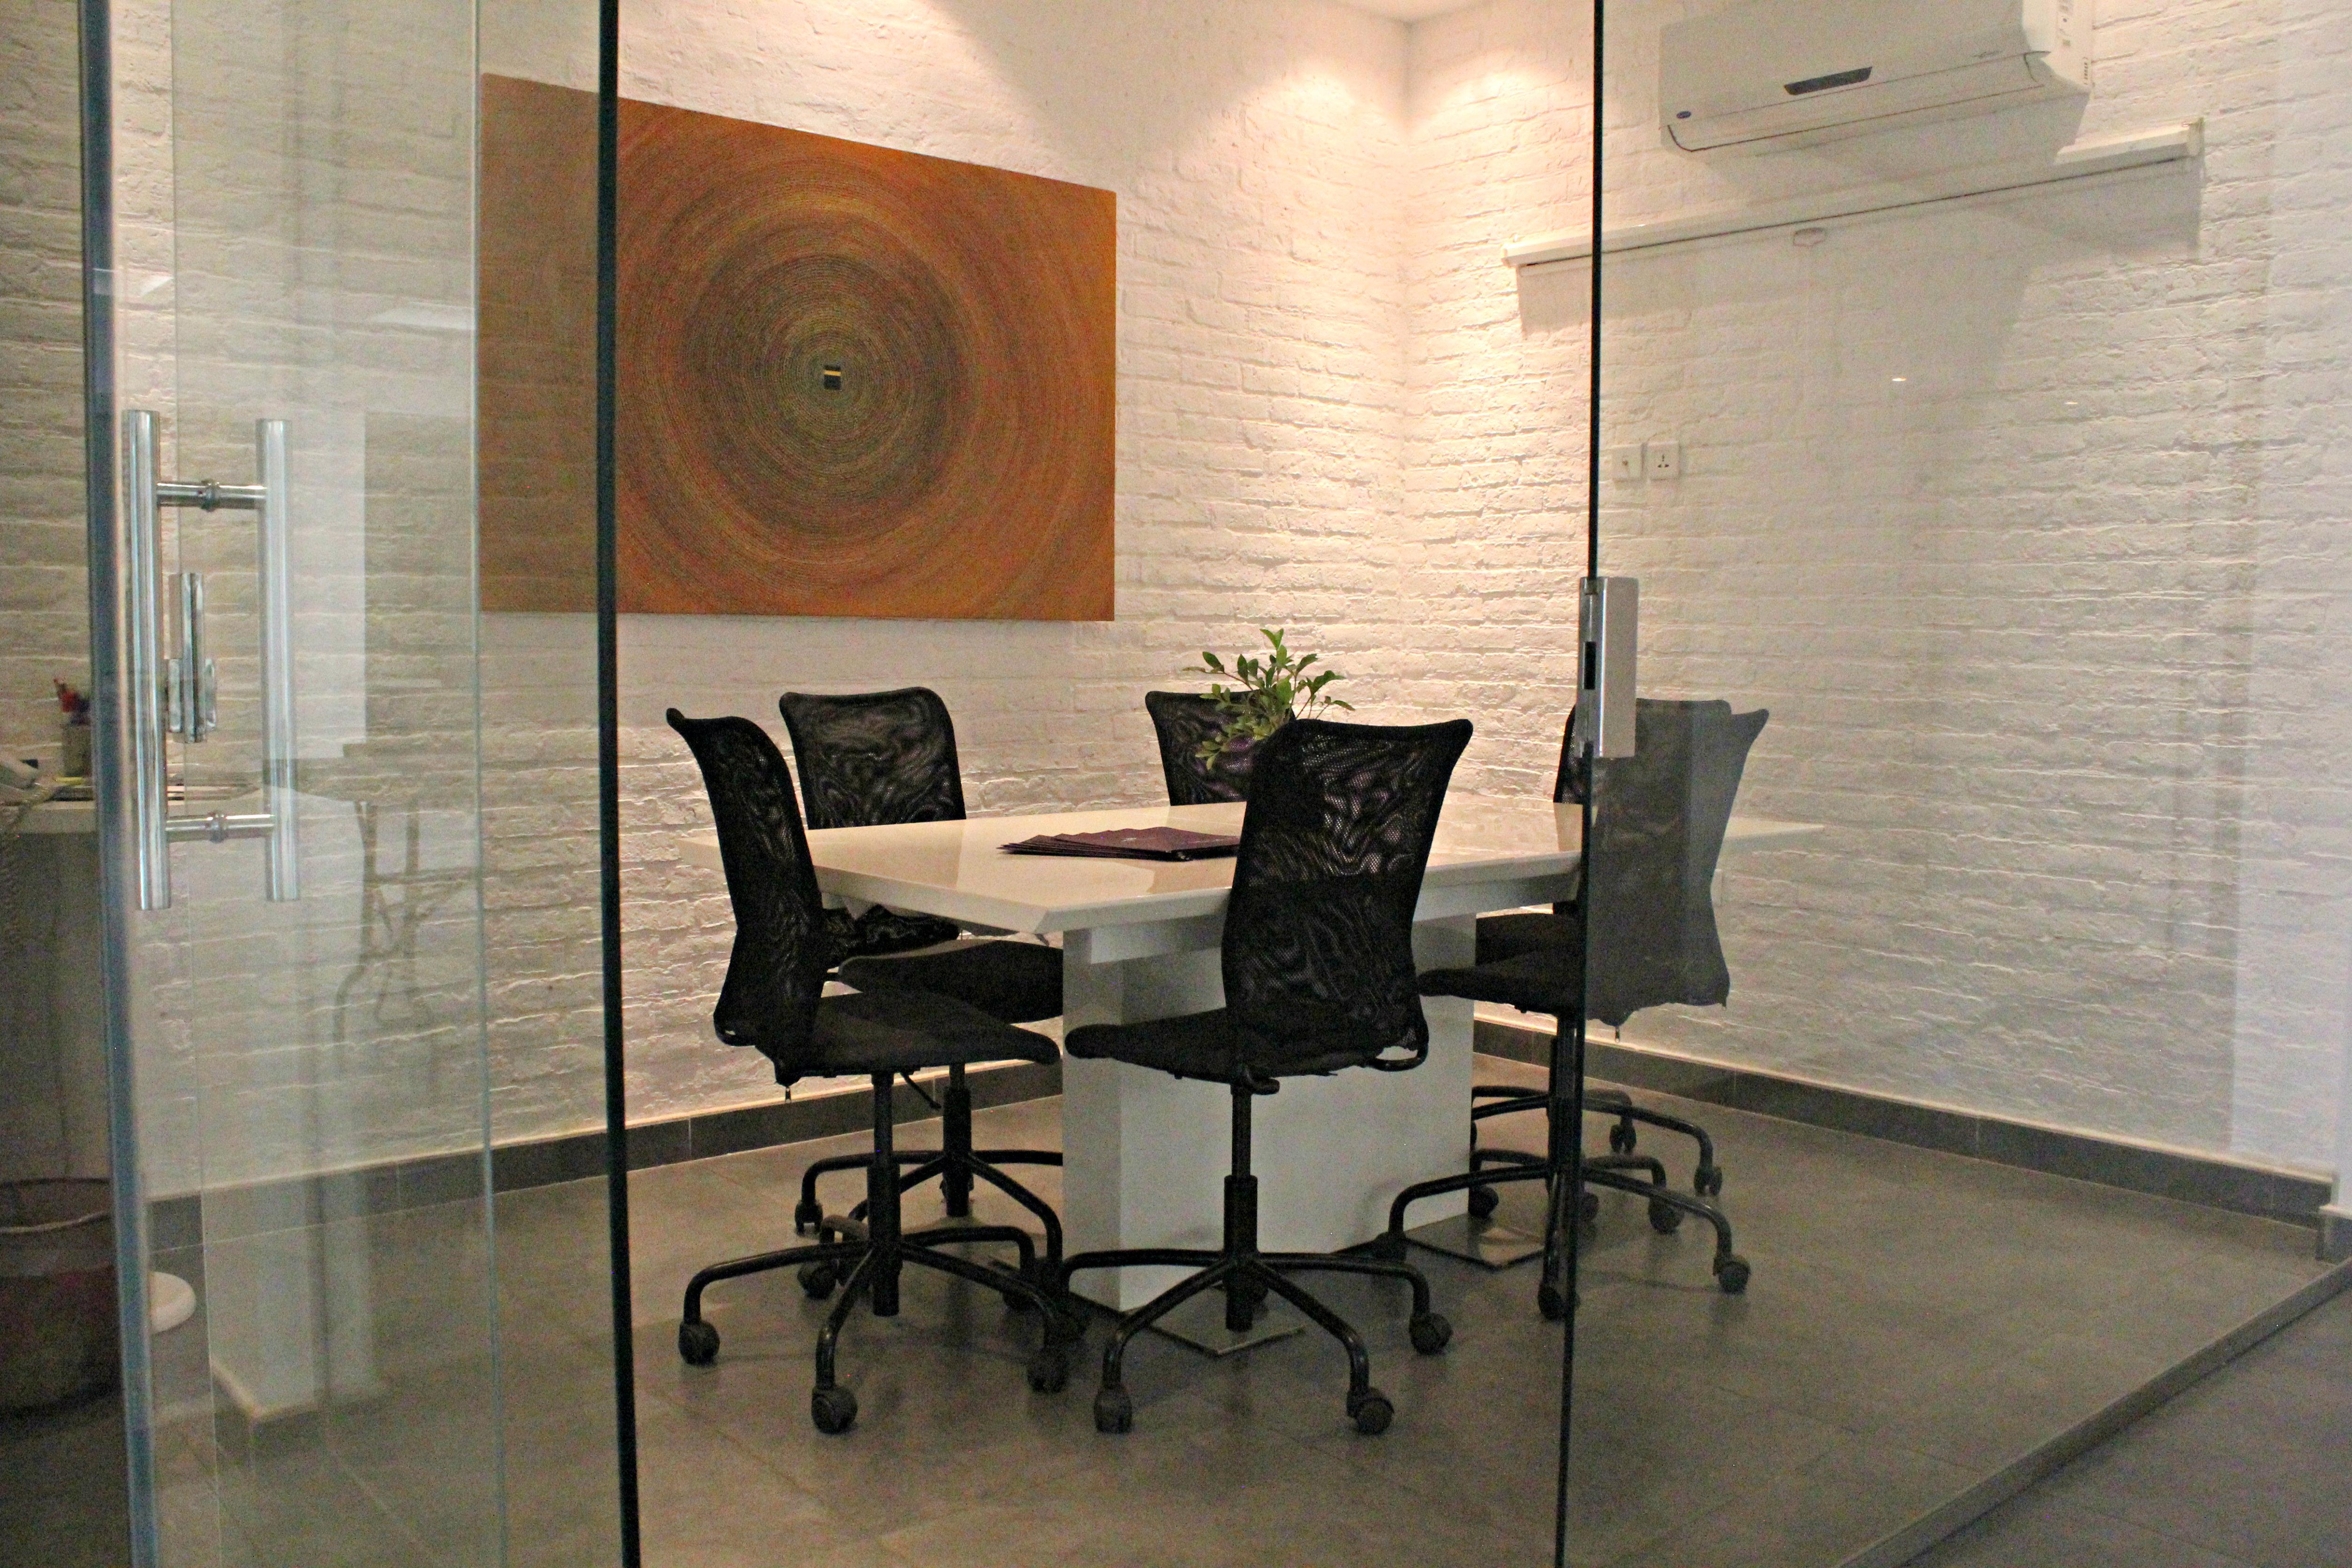 Kayanspace meeting room